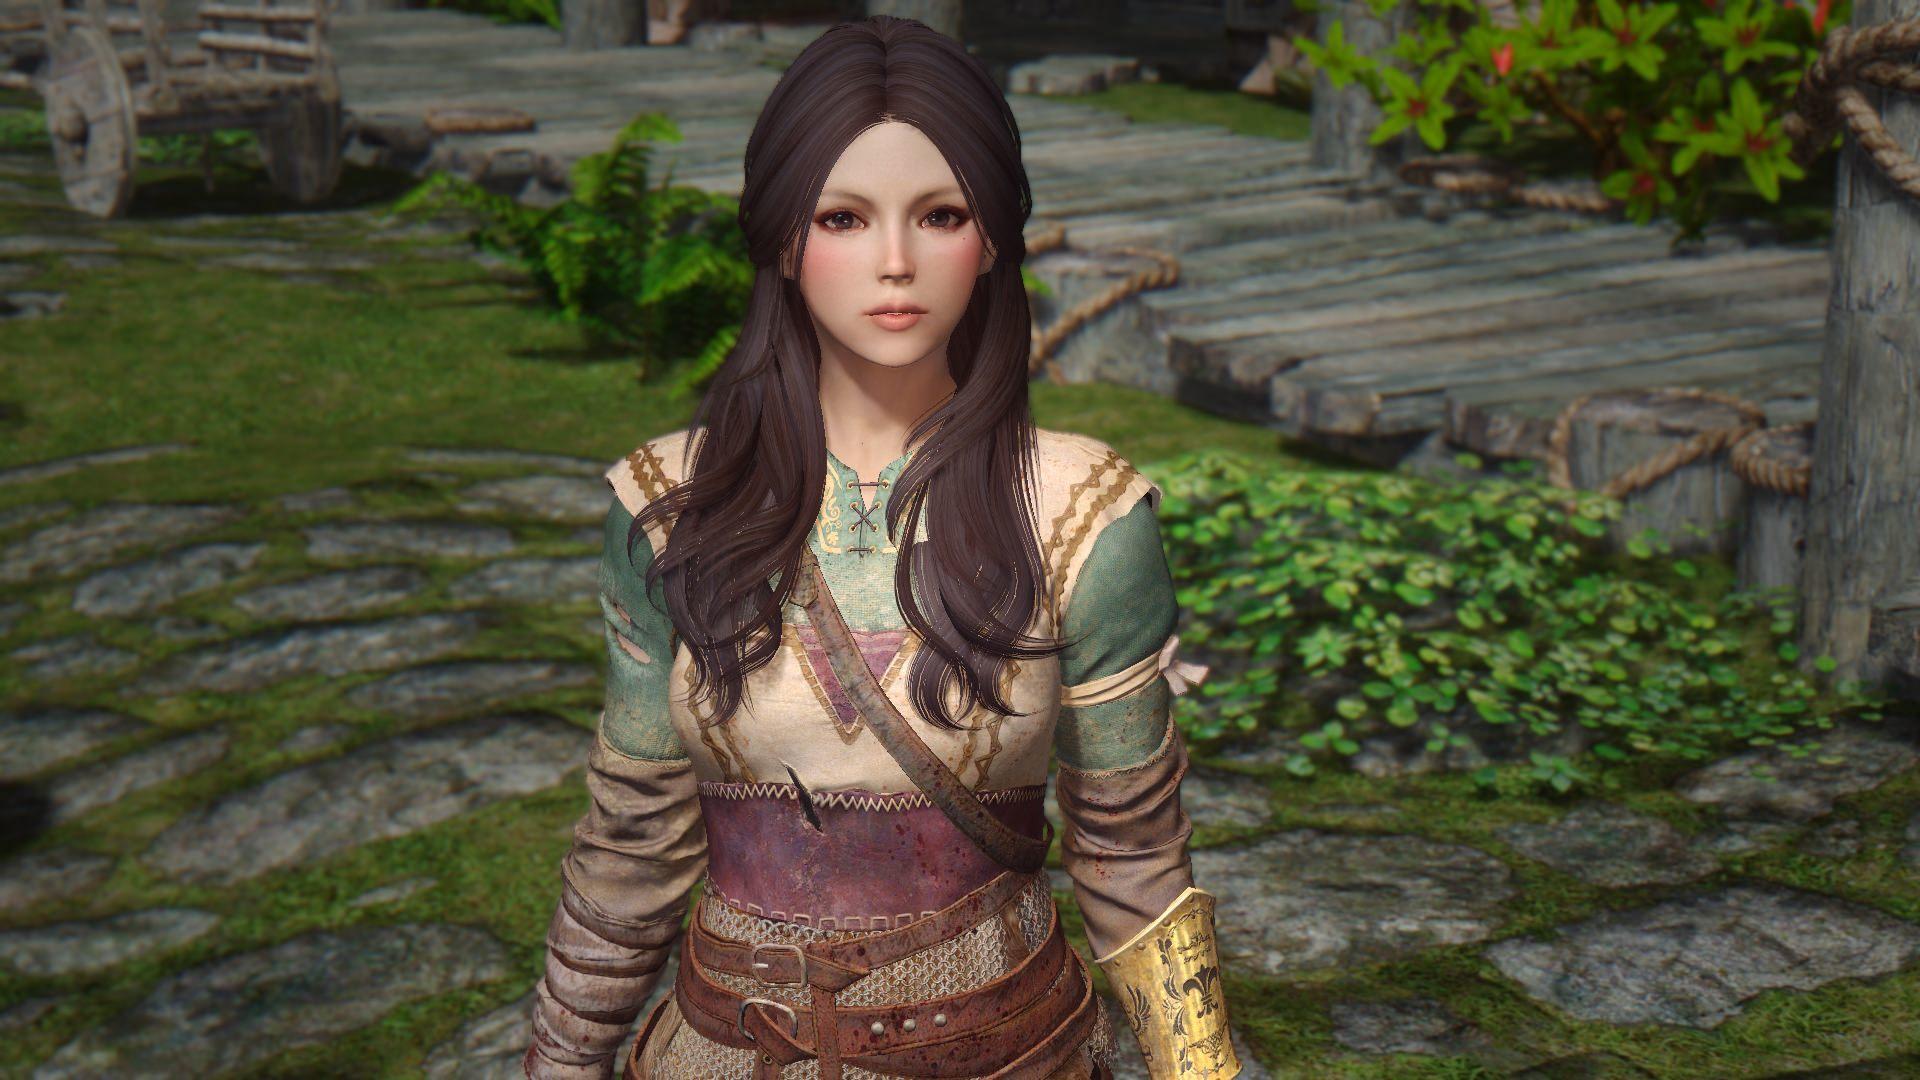 Sofia_RotTR_Outfit_UNP_1.jpg